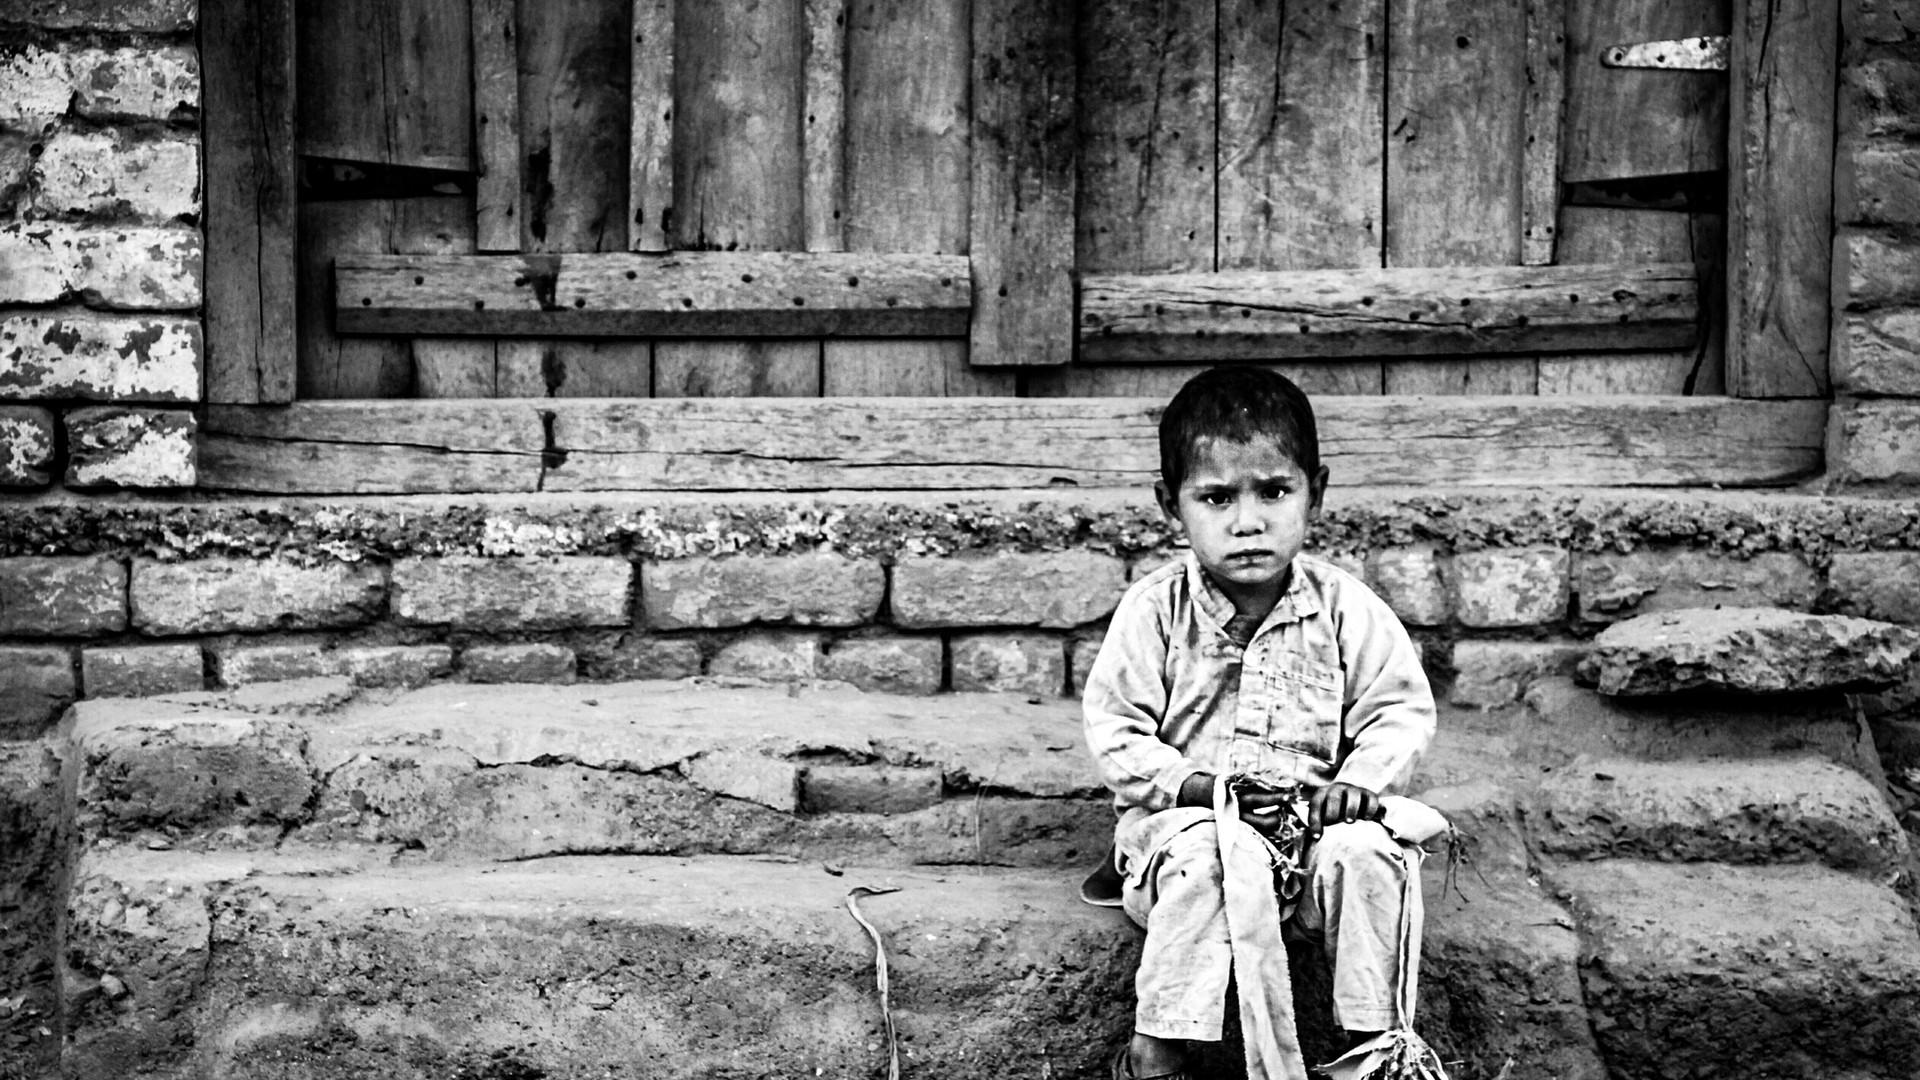 homelesschild2.jpg